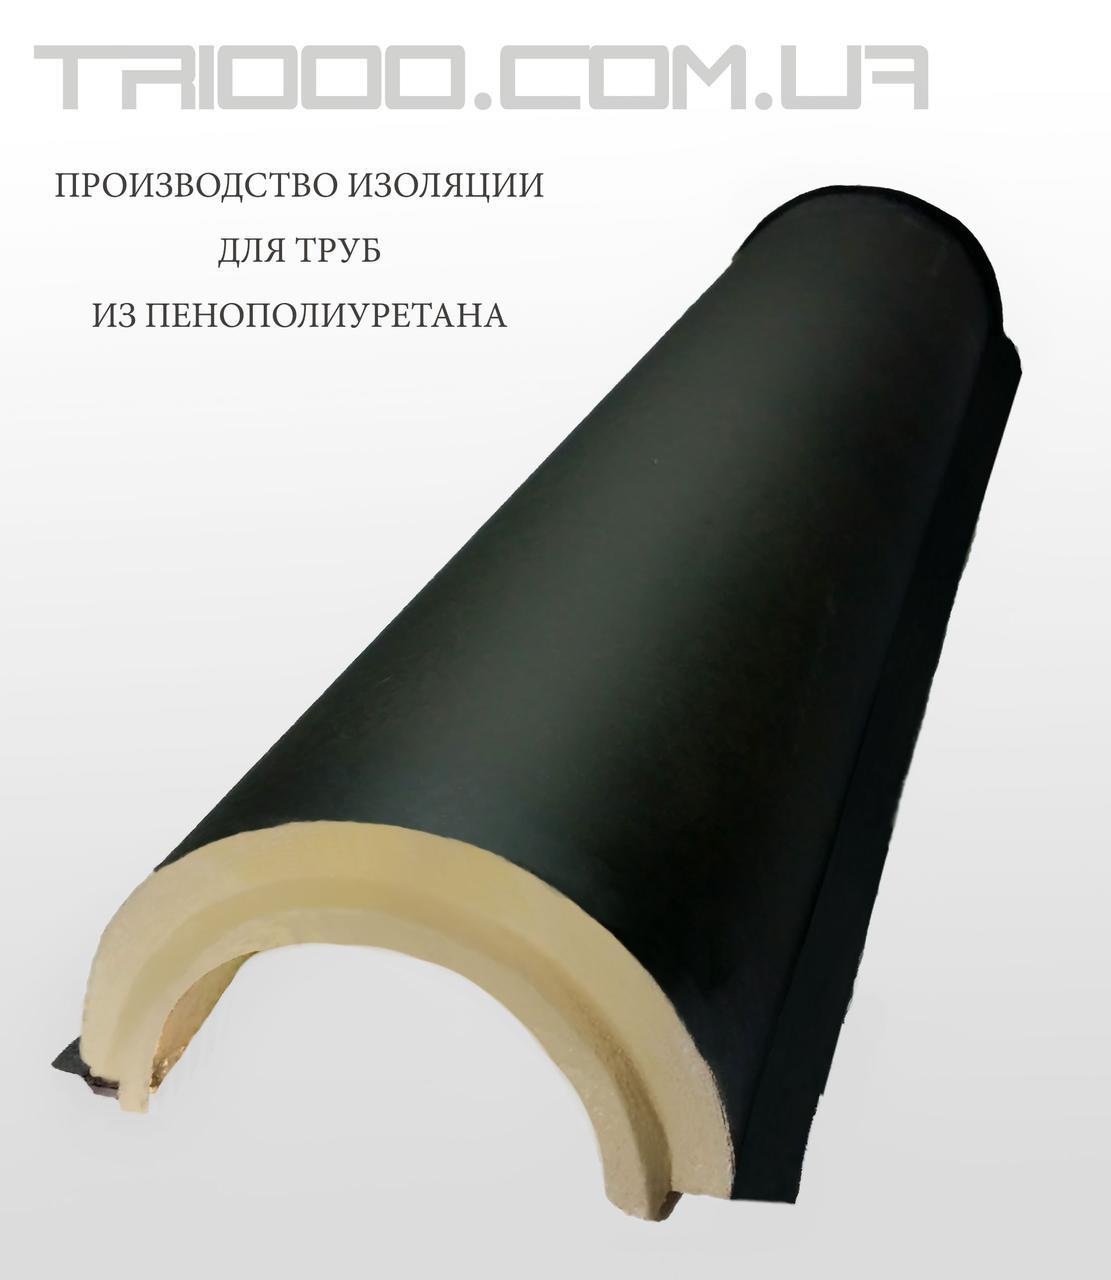 Сегменты теплоизоляционные для труб Ø 114/37 мм в покрытии из пергамина